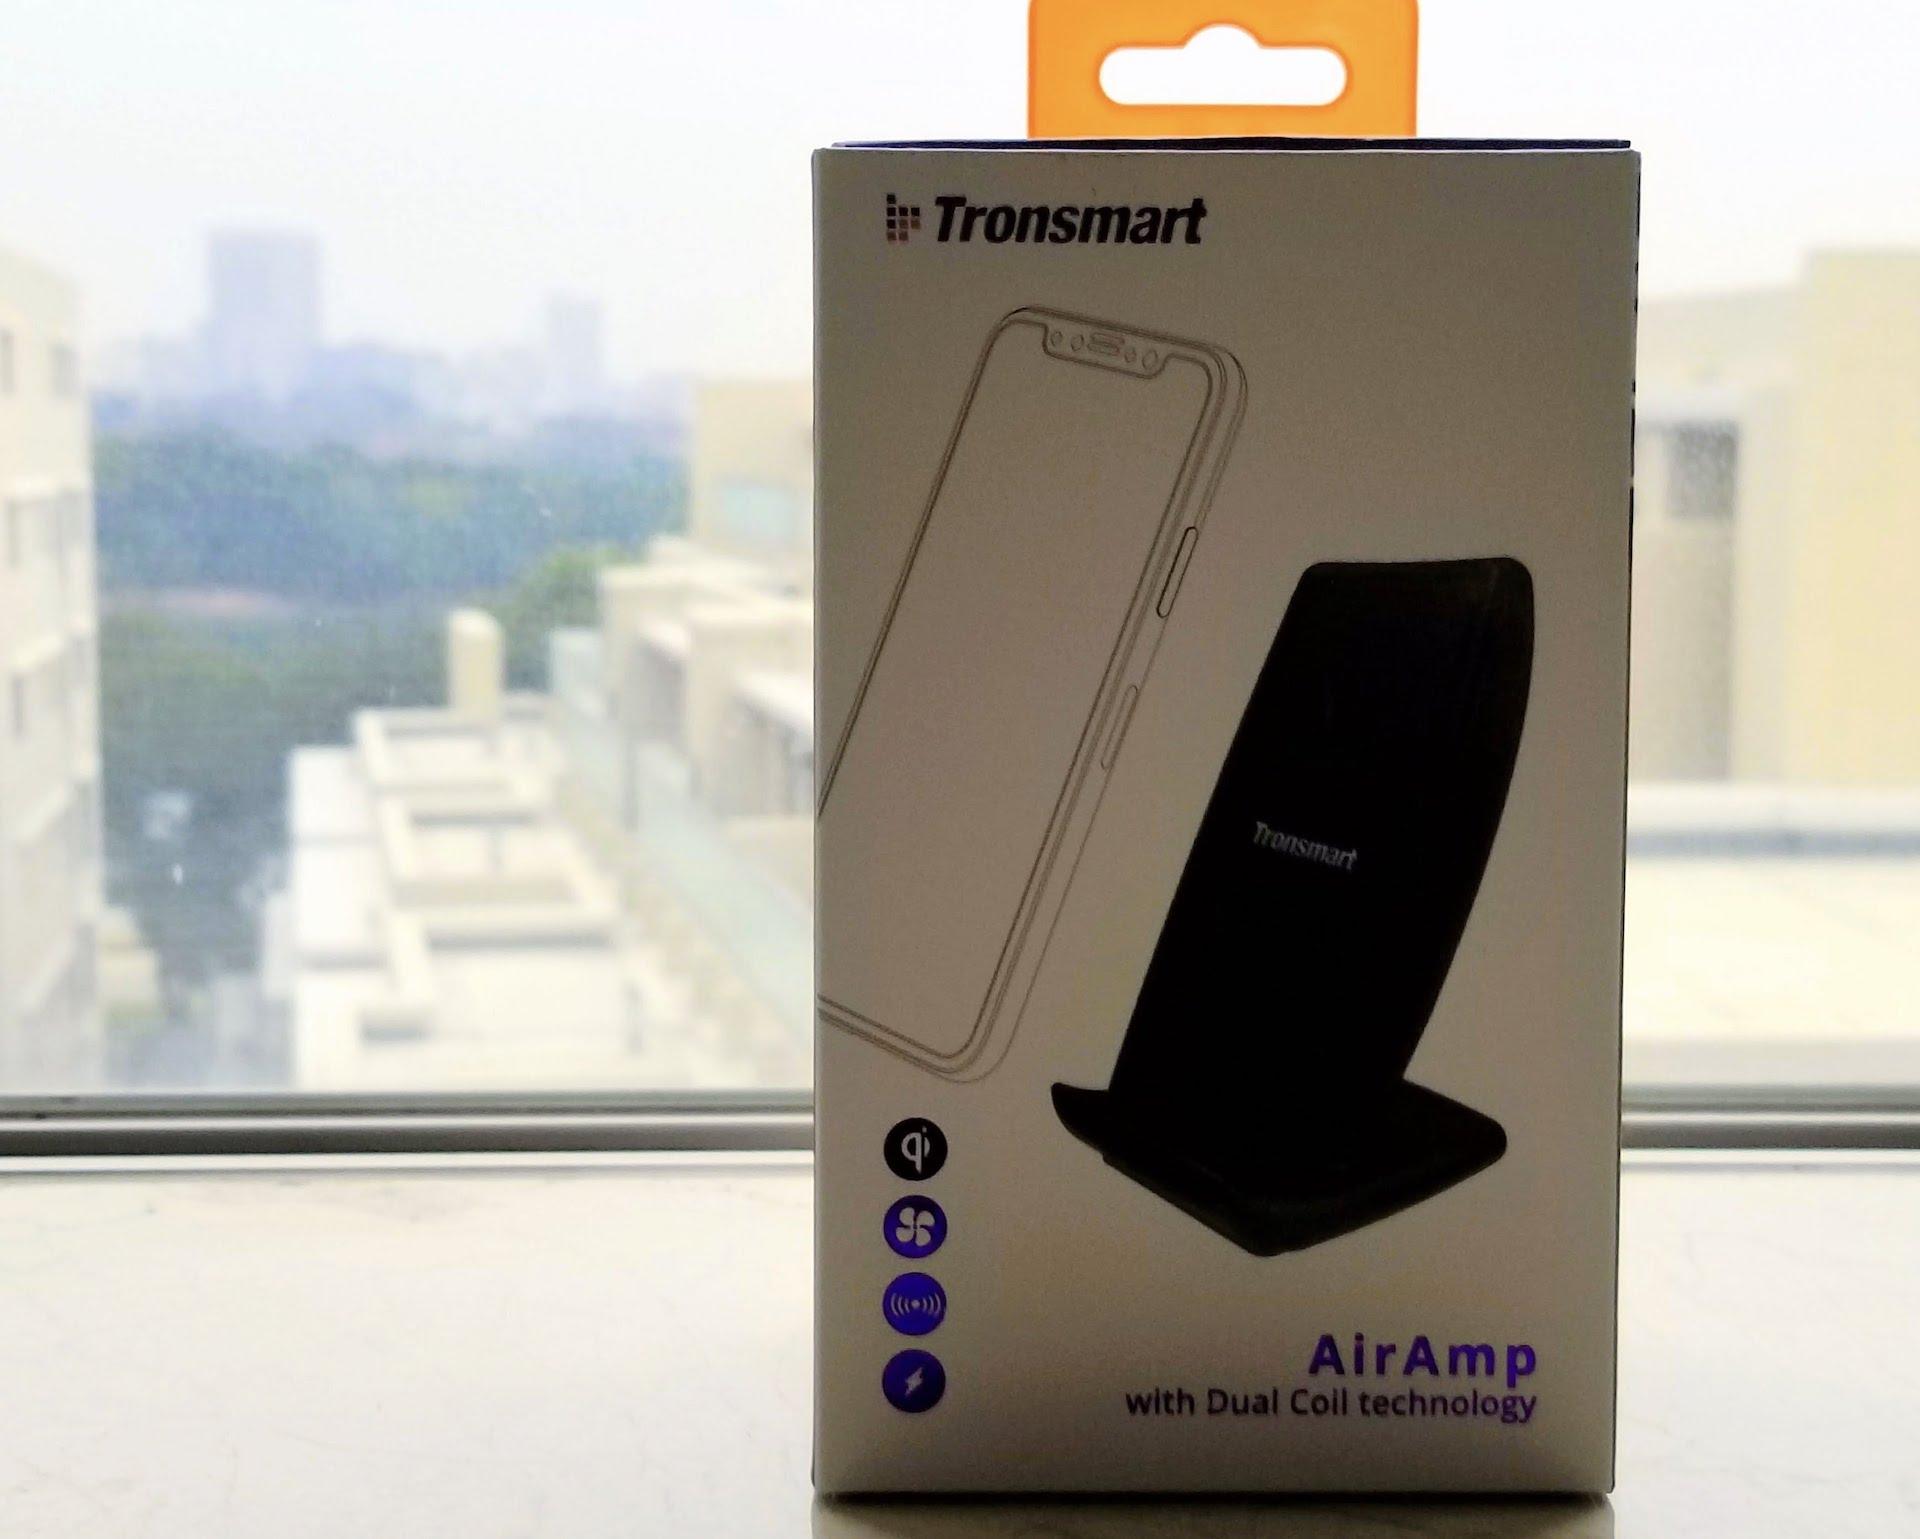 Galaxyも最新iPhoneも充電できるワイヤレス充電器「Tronsmart AirAmp」のレビュー